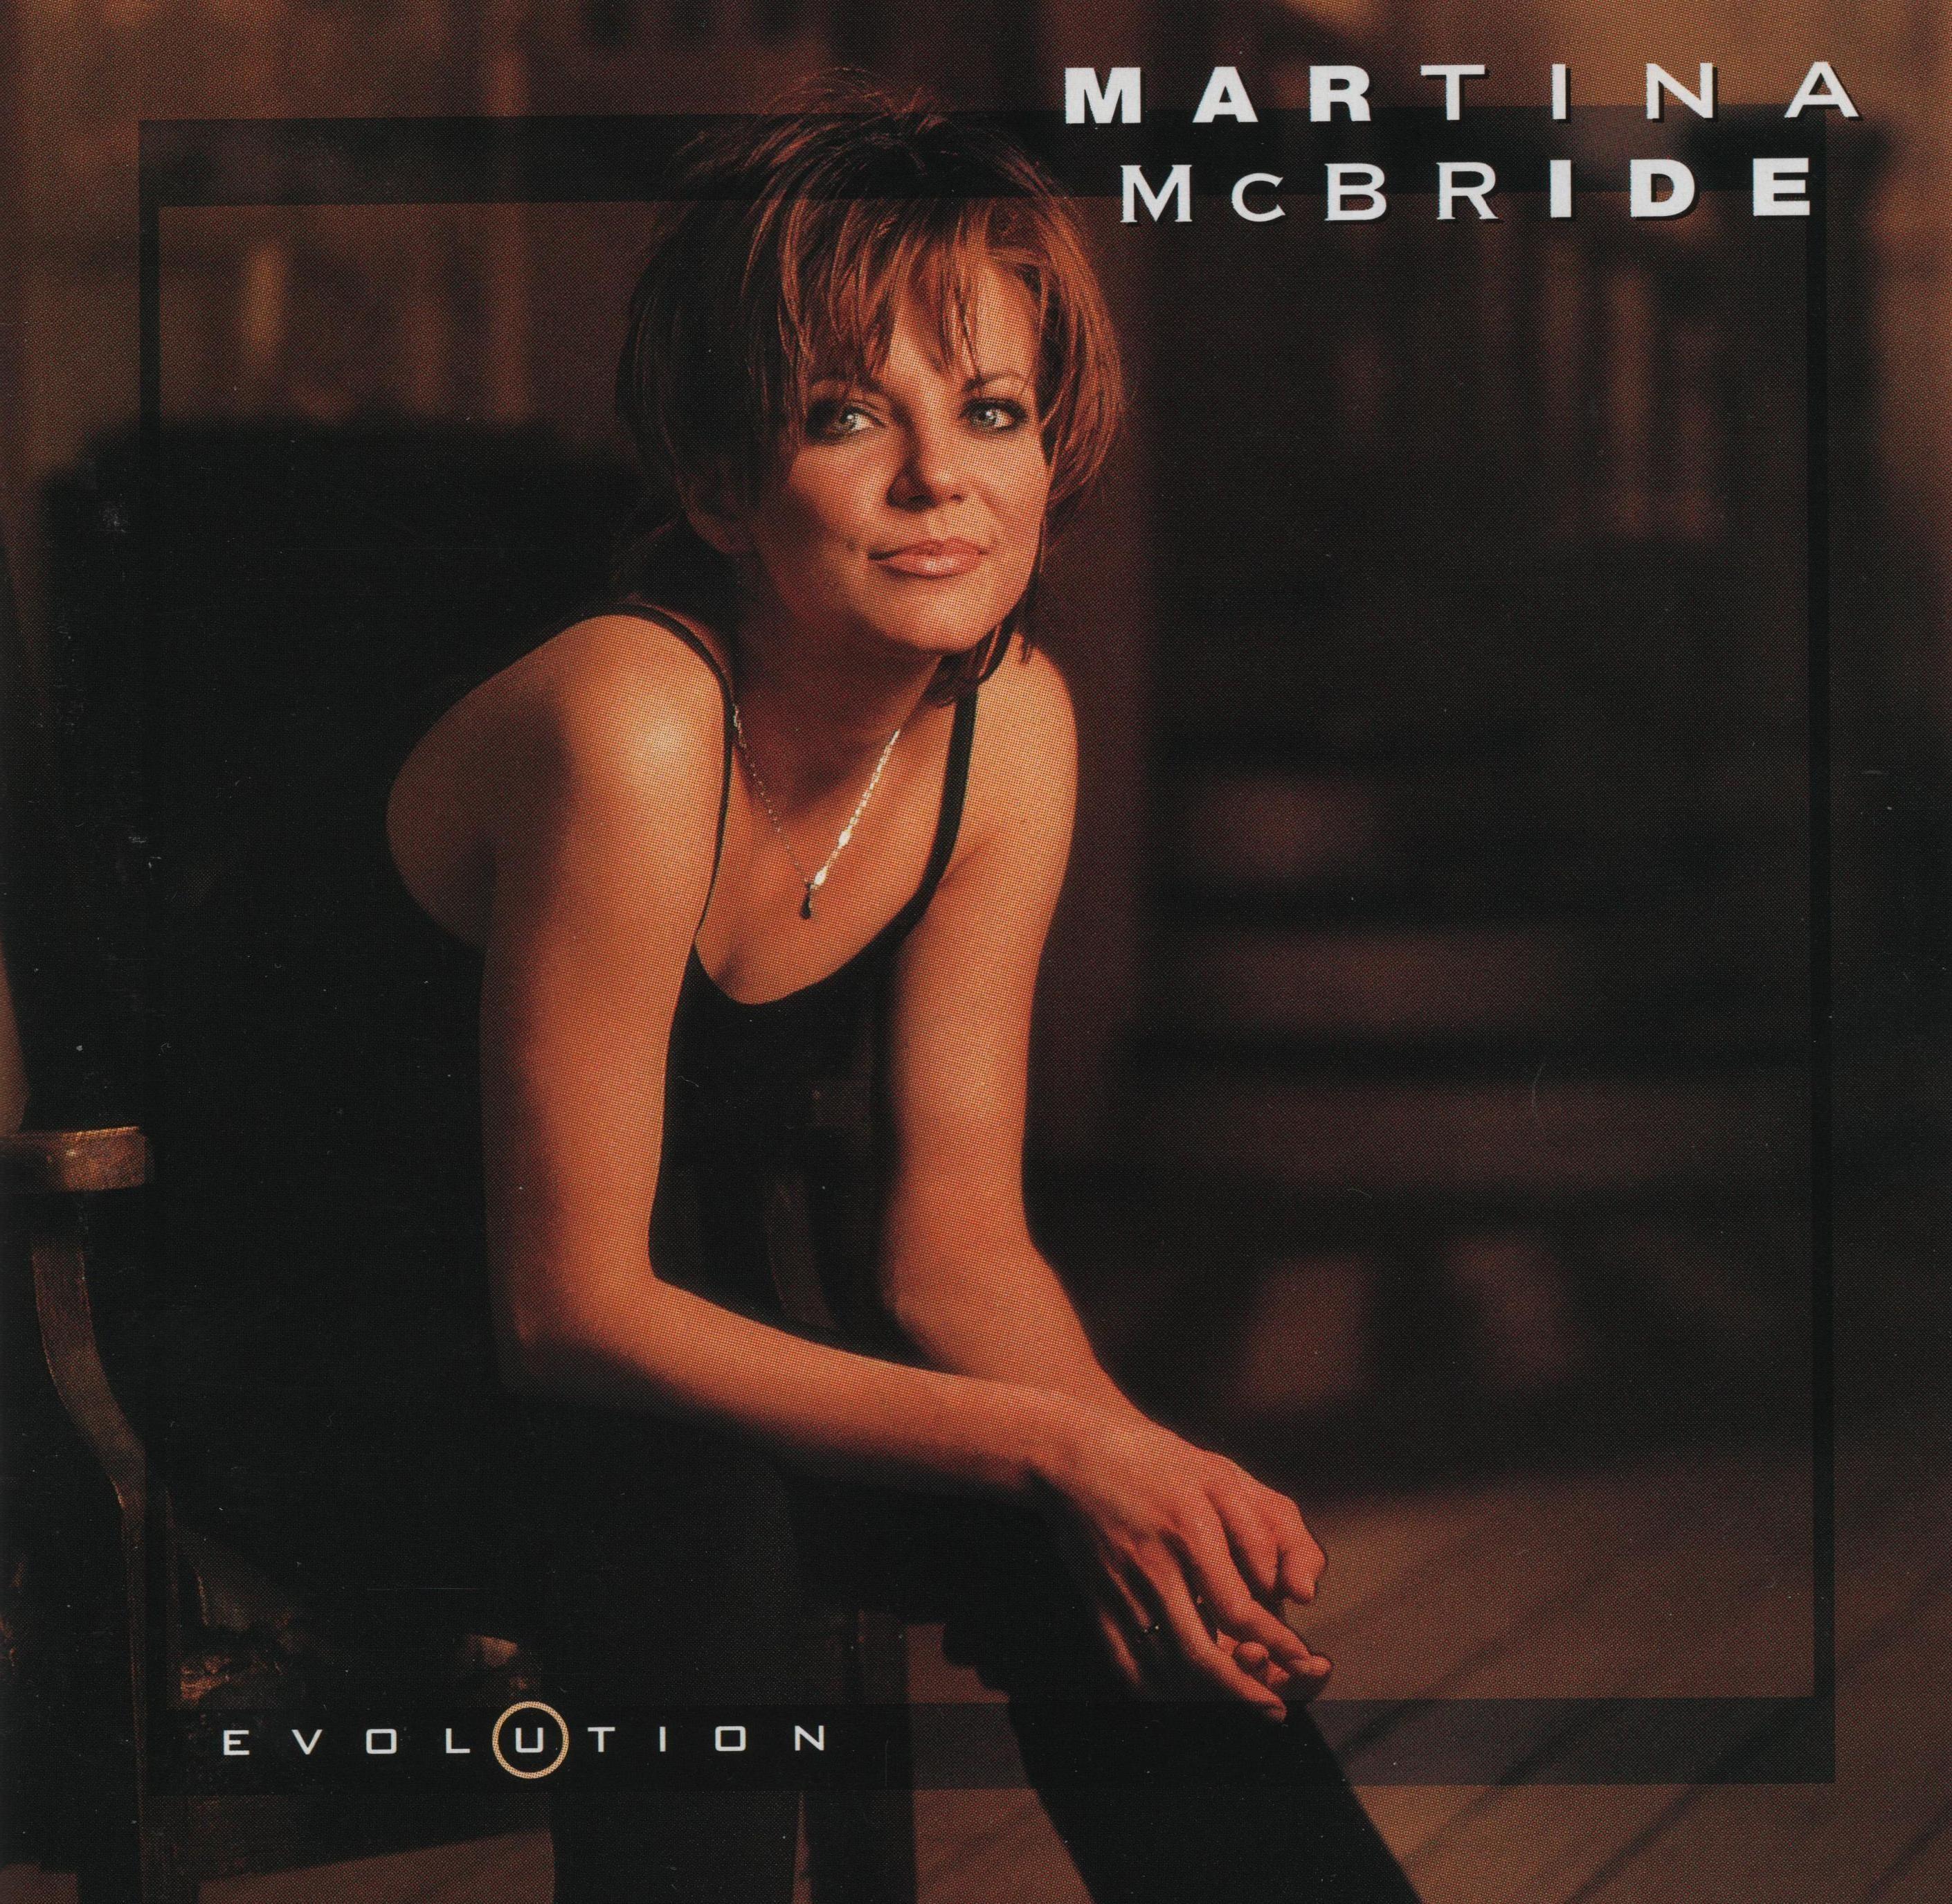 Martina McBride - Evolution - Album Cover